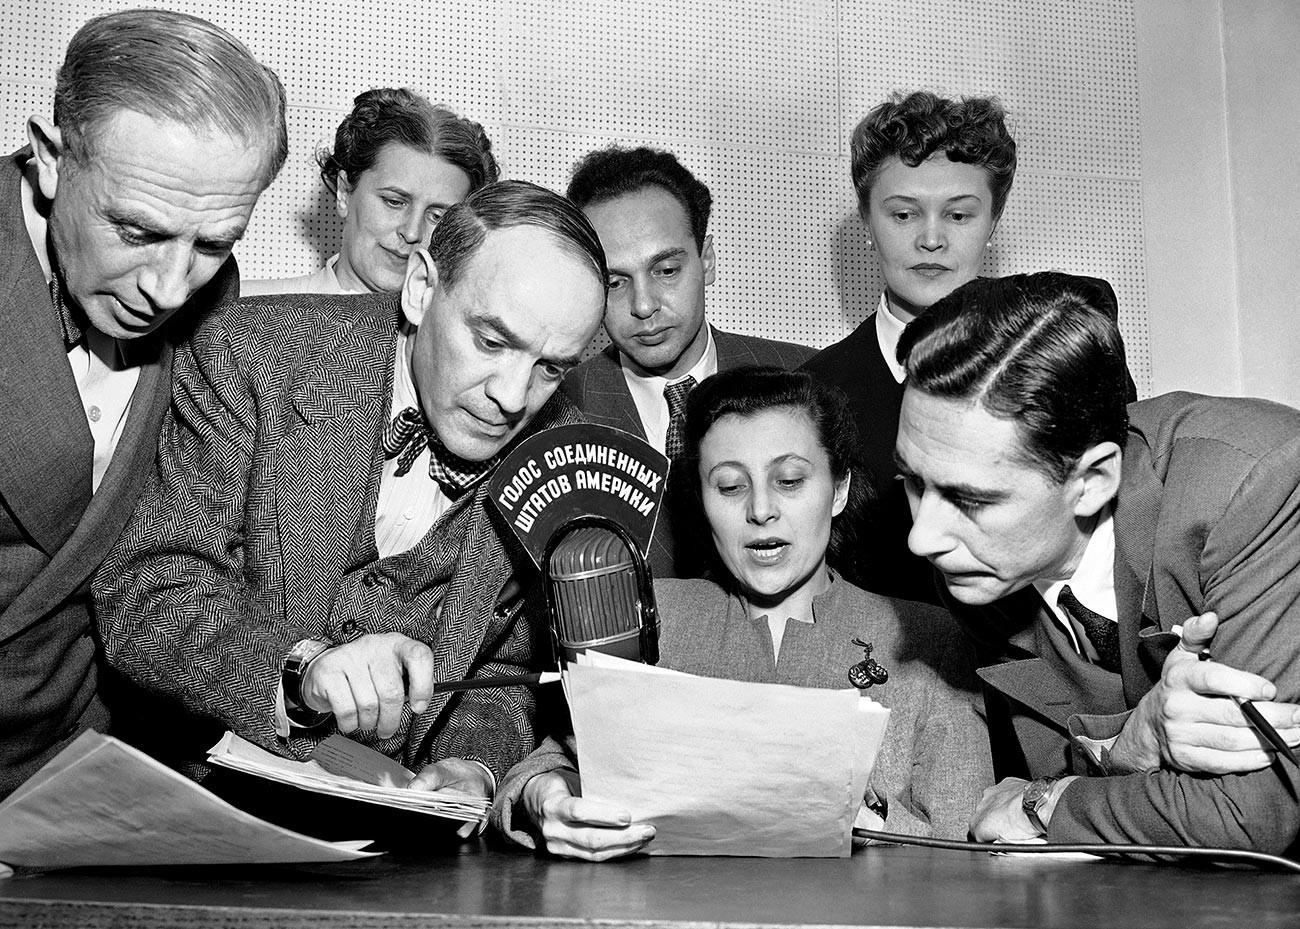 Un gruppo di annunciatori del Dipartimento di Stato si radunano intorno al microfono dopo la prima trasmissione (in russo) da New York alla Russia, 17 febbraio 1947